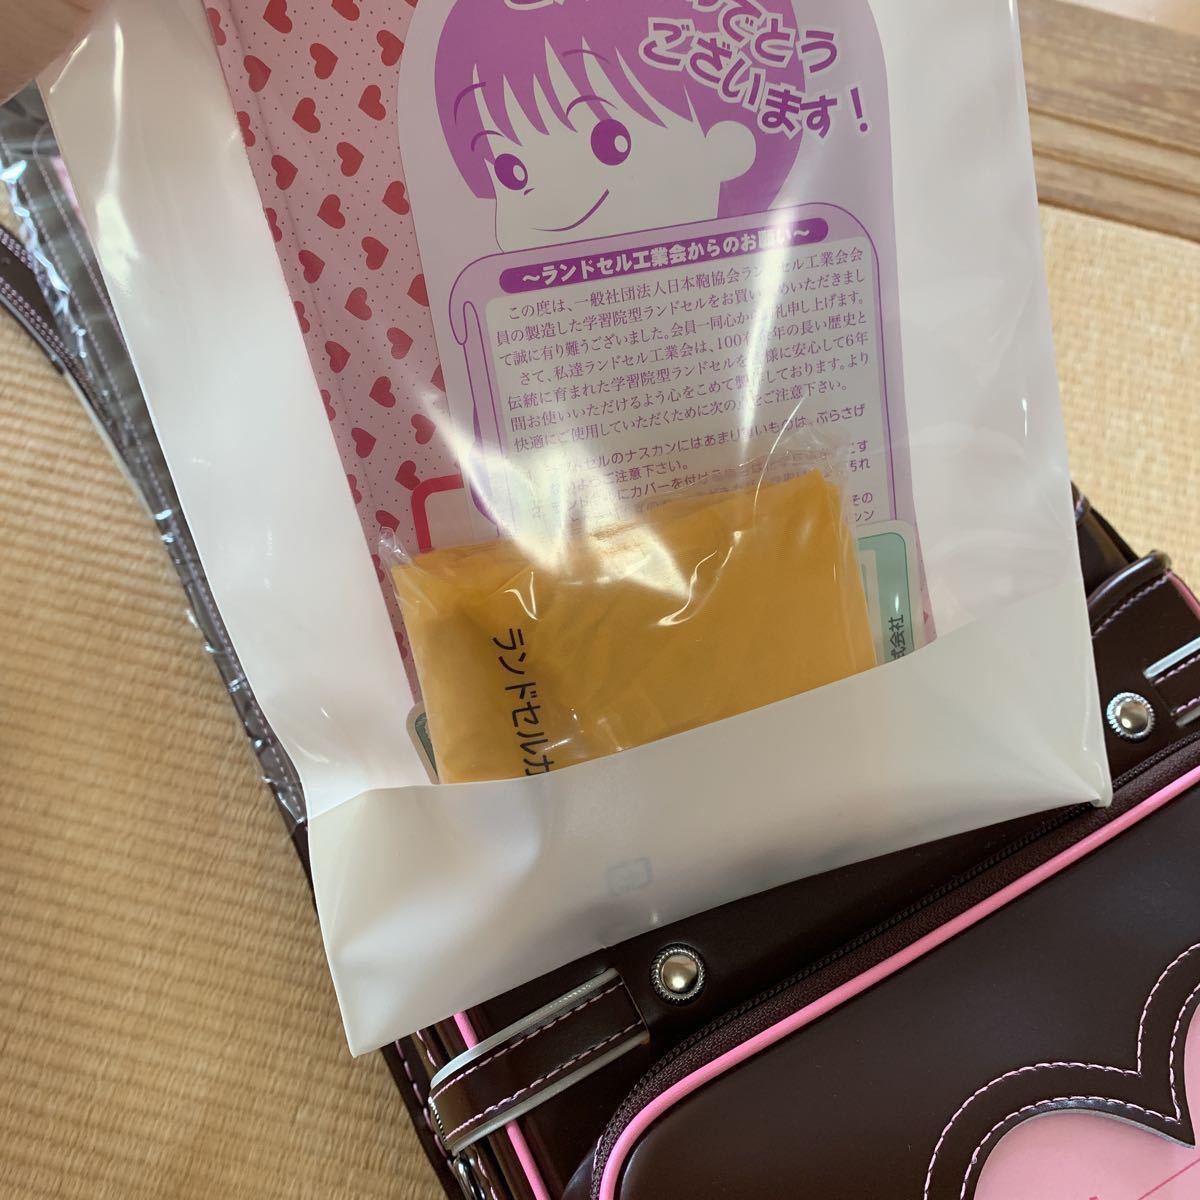 新品未使用 池田地球 ランドセル 型落ち ブラウン ピンク 刺繍 A4フラットファイル対応 日本製_画像5